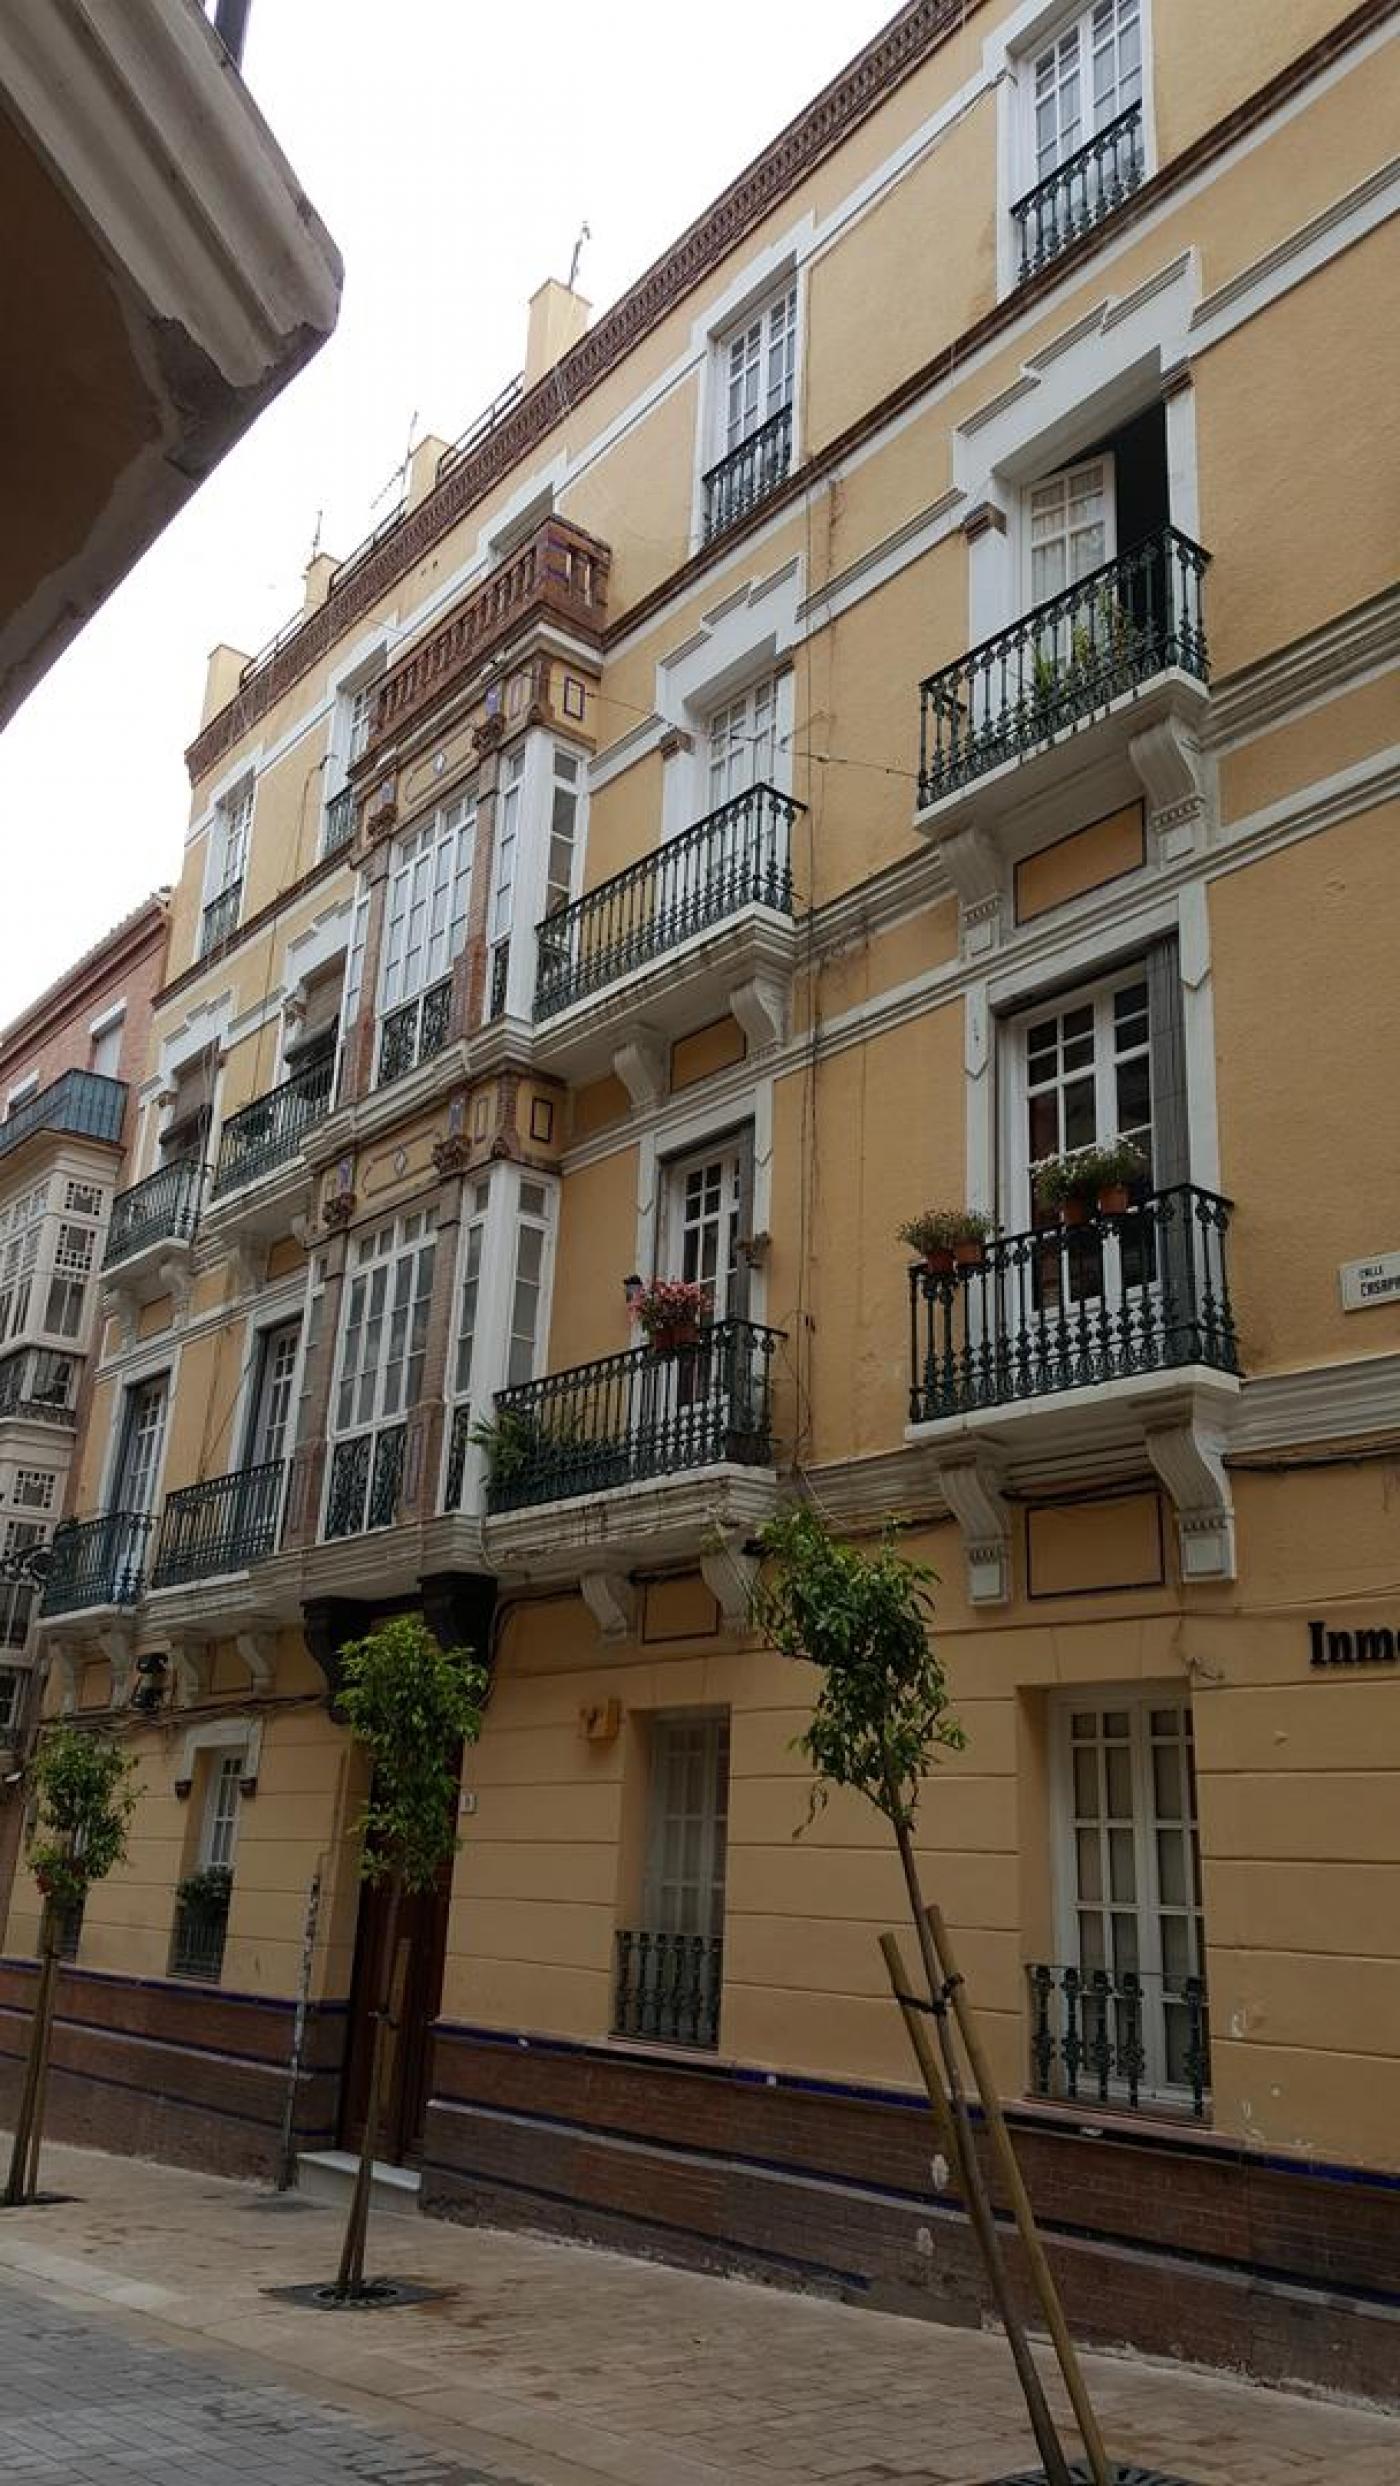 Apartamentos en m laga centro en m laga m laga costa del sol venta de casas y pisos nuevos - Apartamento en malaga centro ...